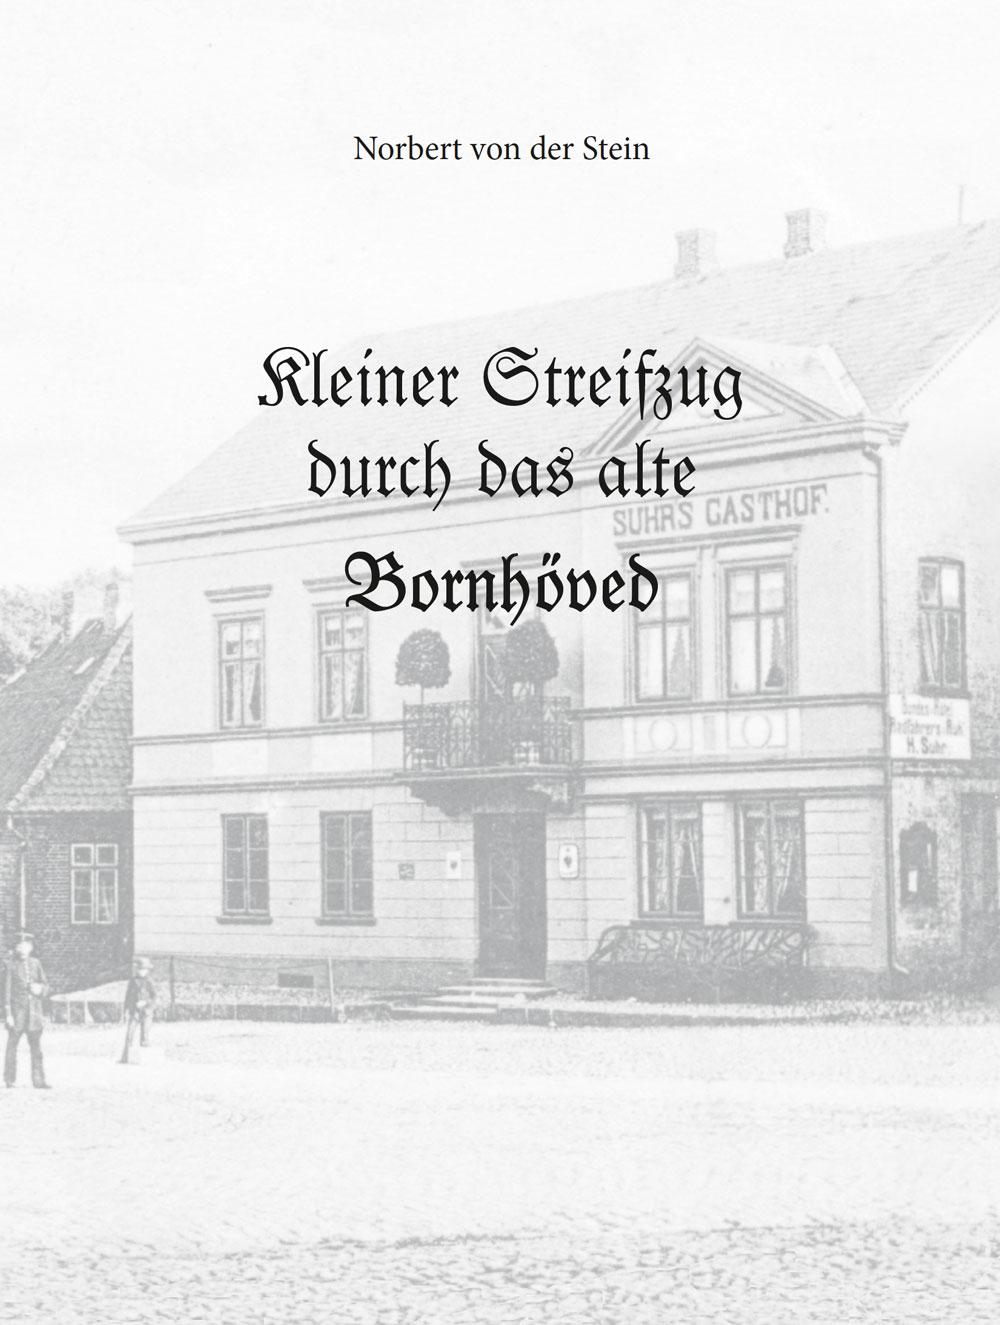 Kleiner Streifzug durch das alte Bornhöved – von Norbert von der Stein